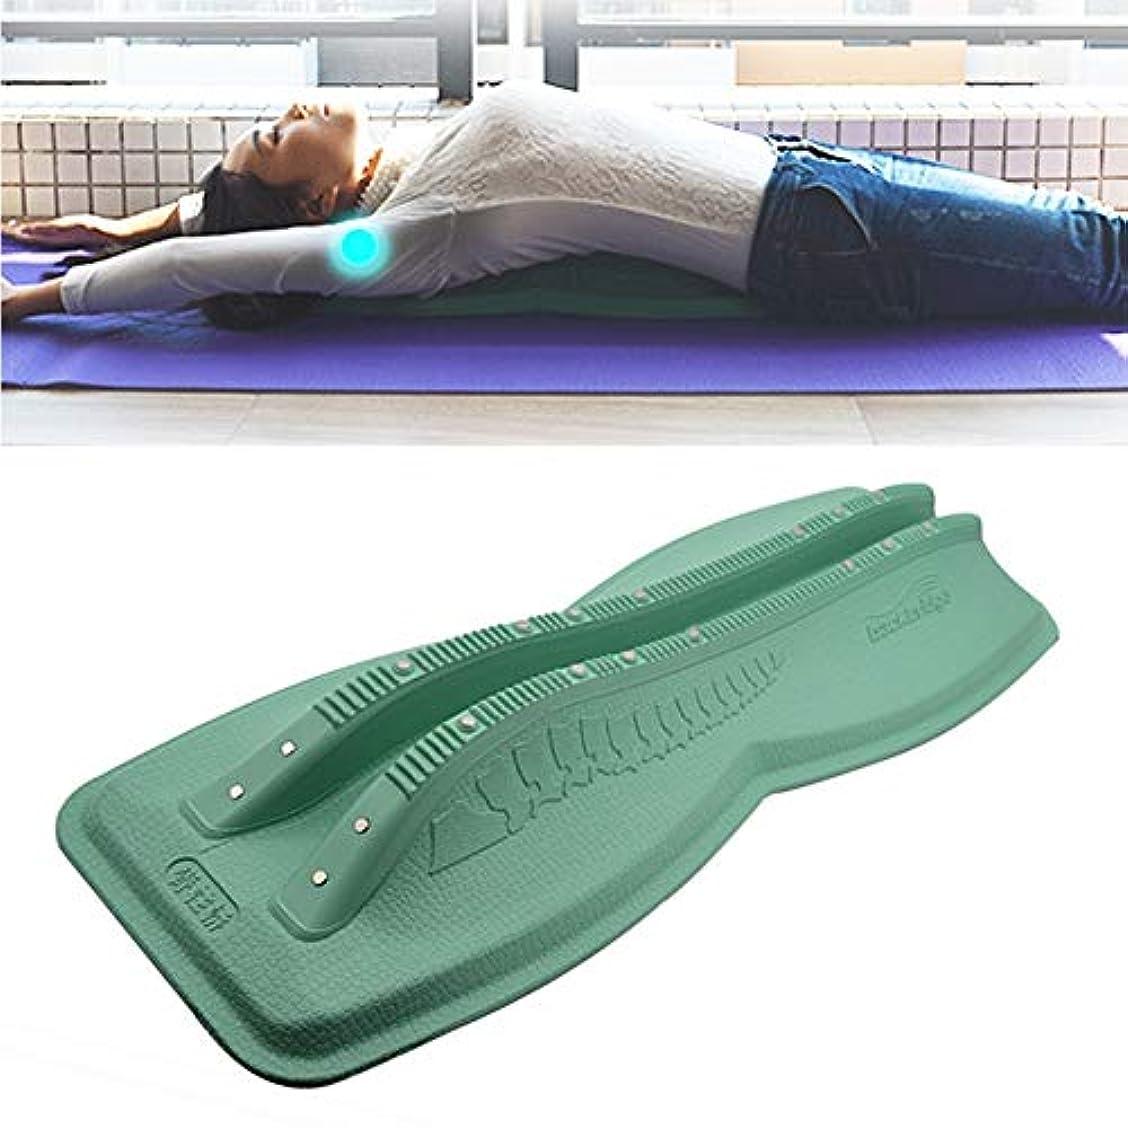 ダイバー無声で浴室ホームバックコレクターキャメルバックコレクター頸部腰椎マッサージ脊椎脊椎ストレッチストレッチ